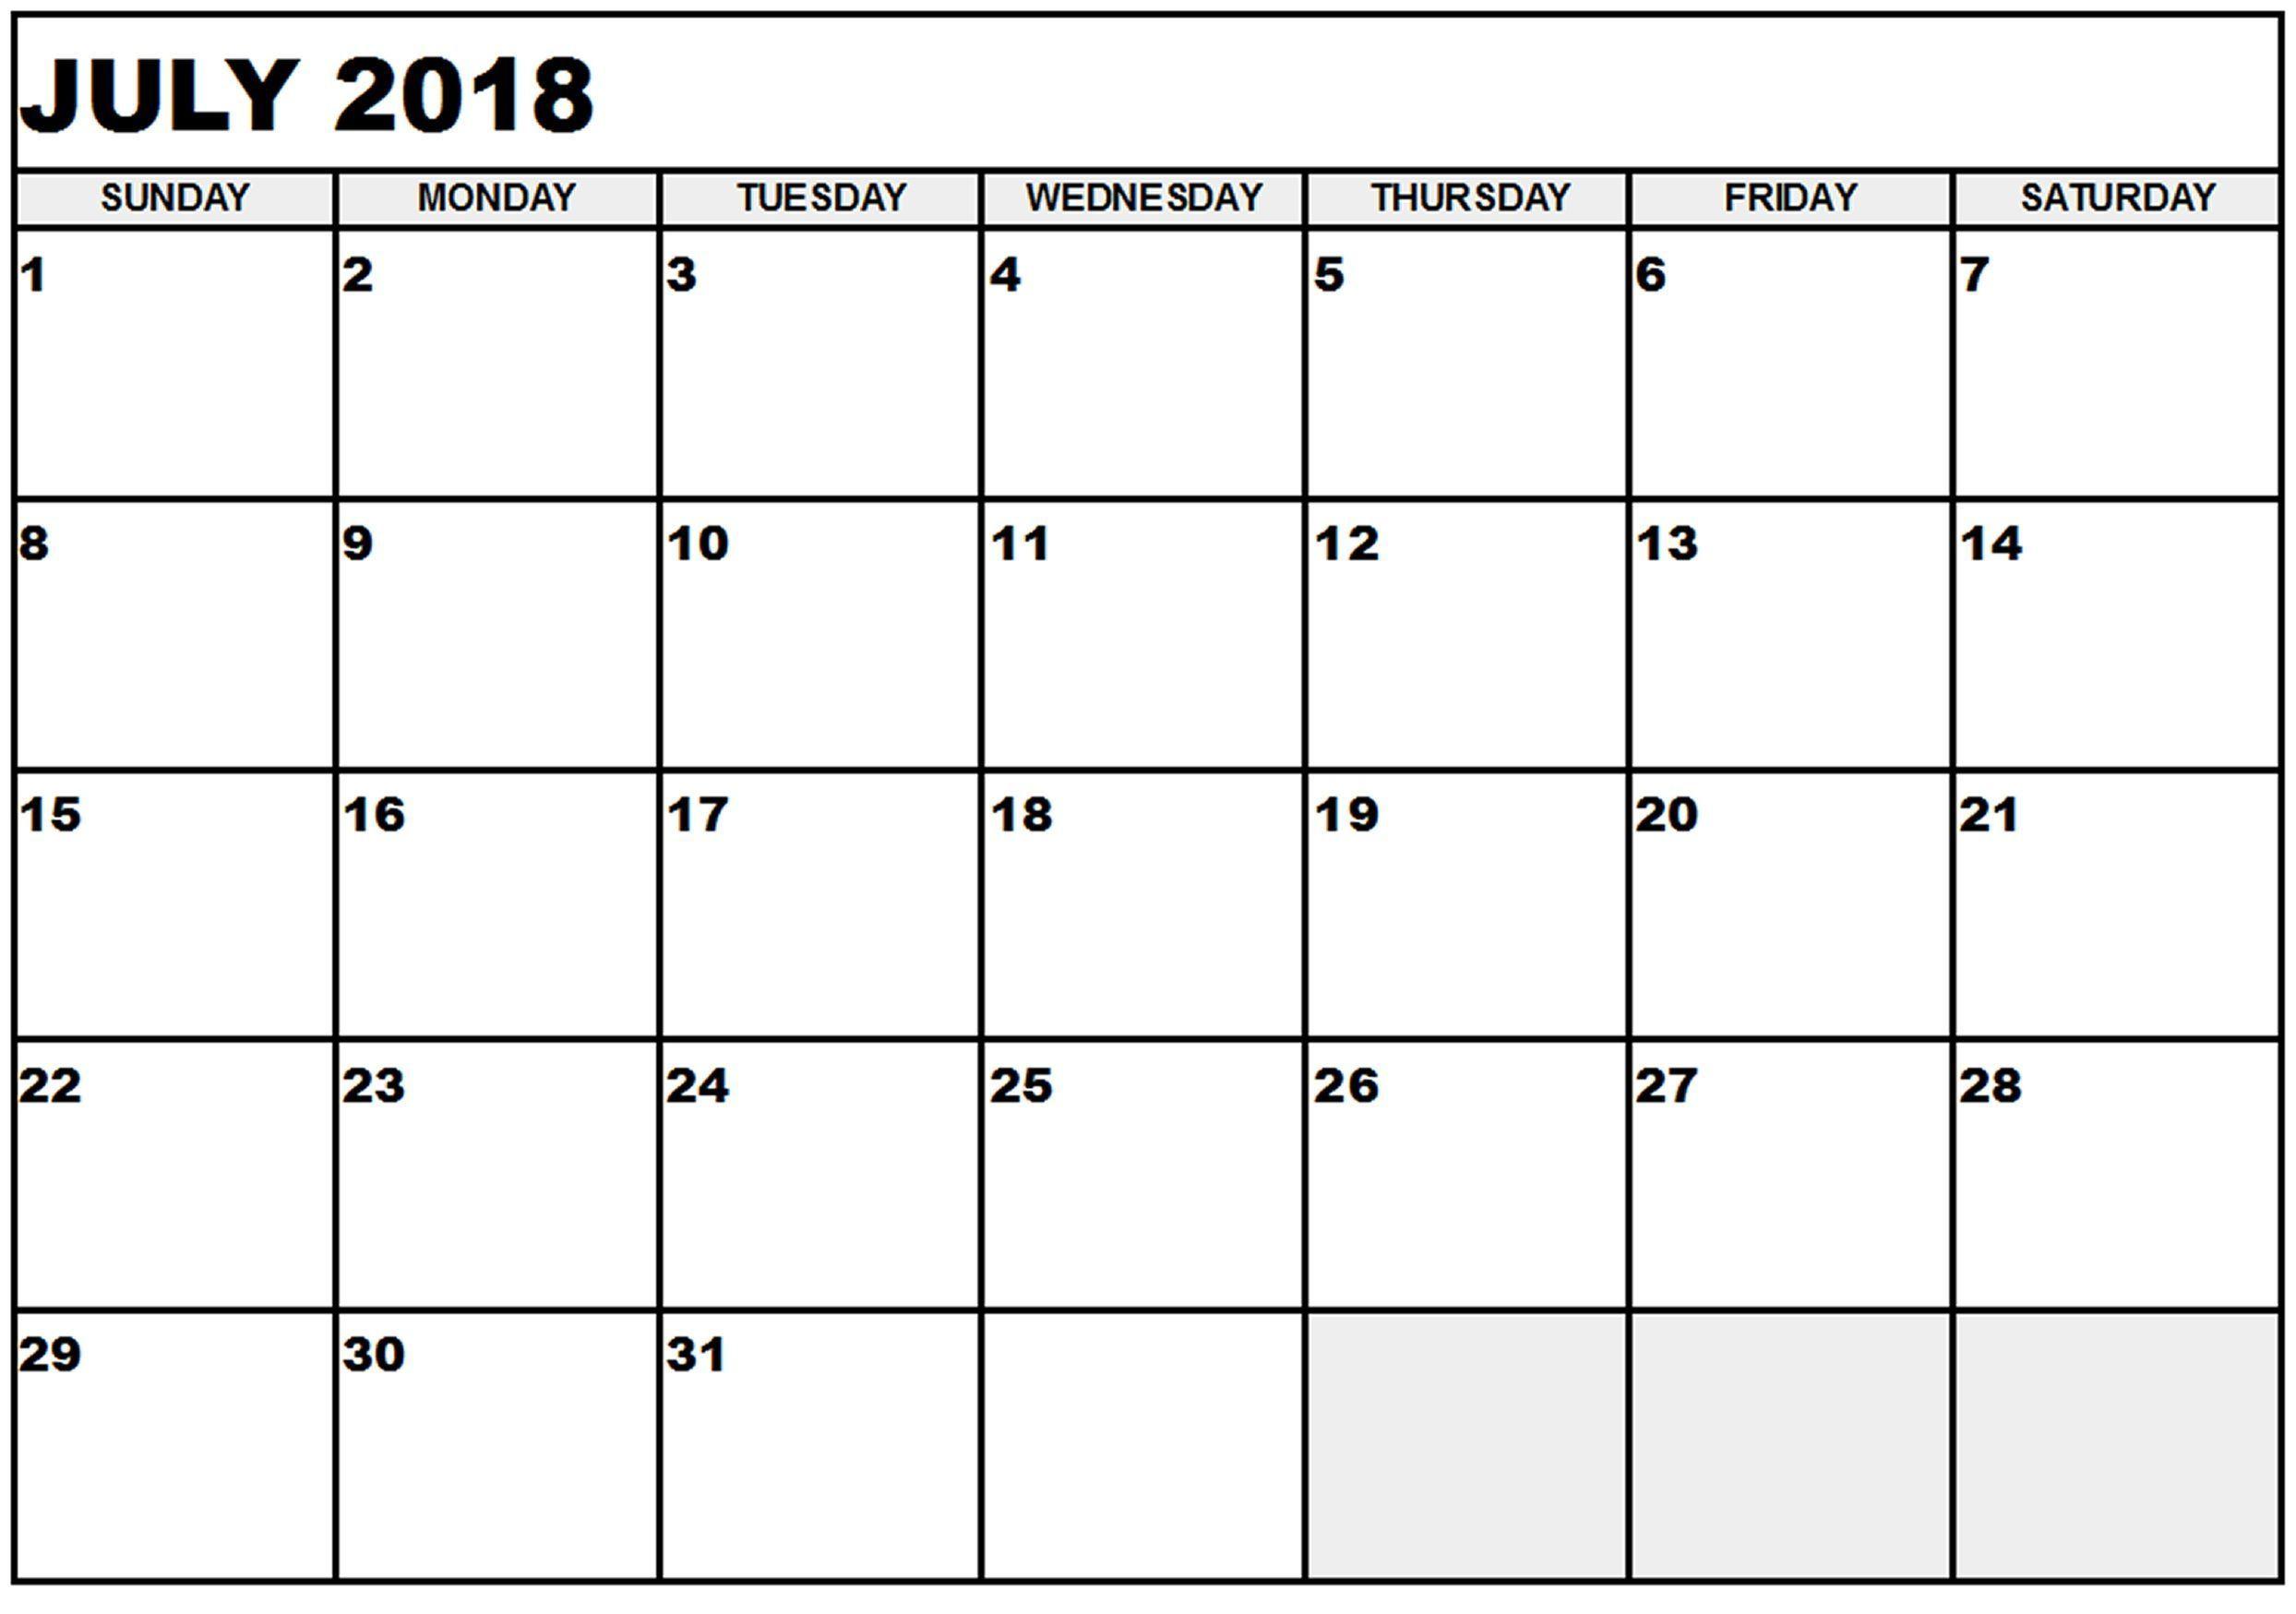 July 2018 Hd Calendar July 2018 Calendar Pdf Word Excel